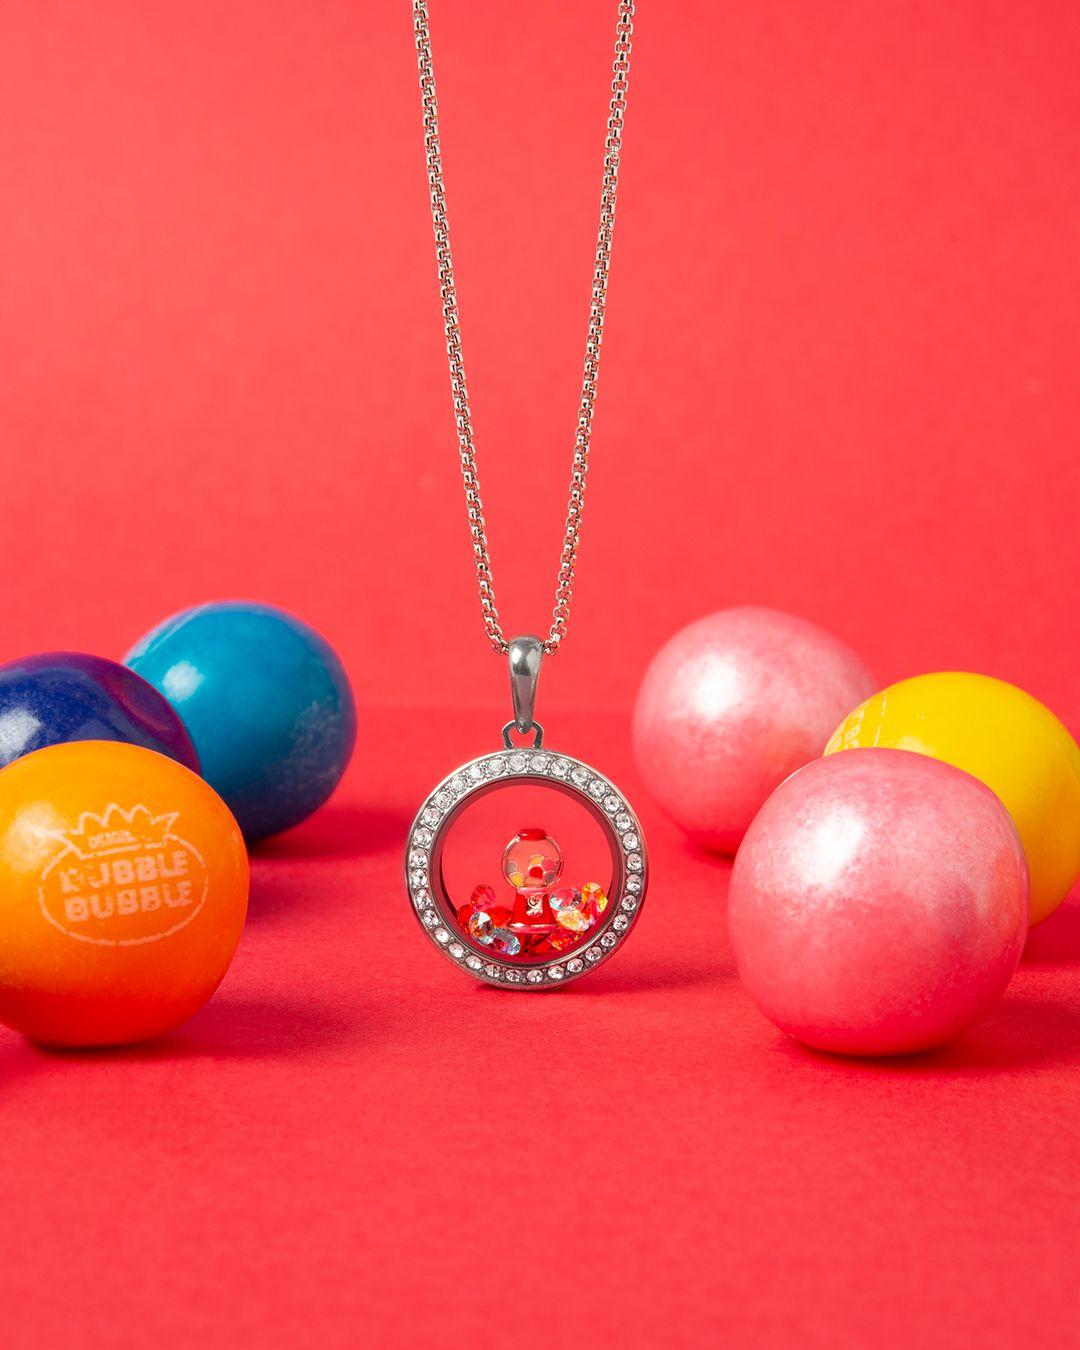 Origami Owl In 2020 Jewelry Inspiration Personalized Charms Custom Jewelry